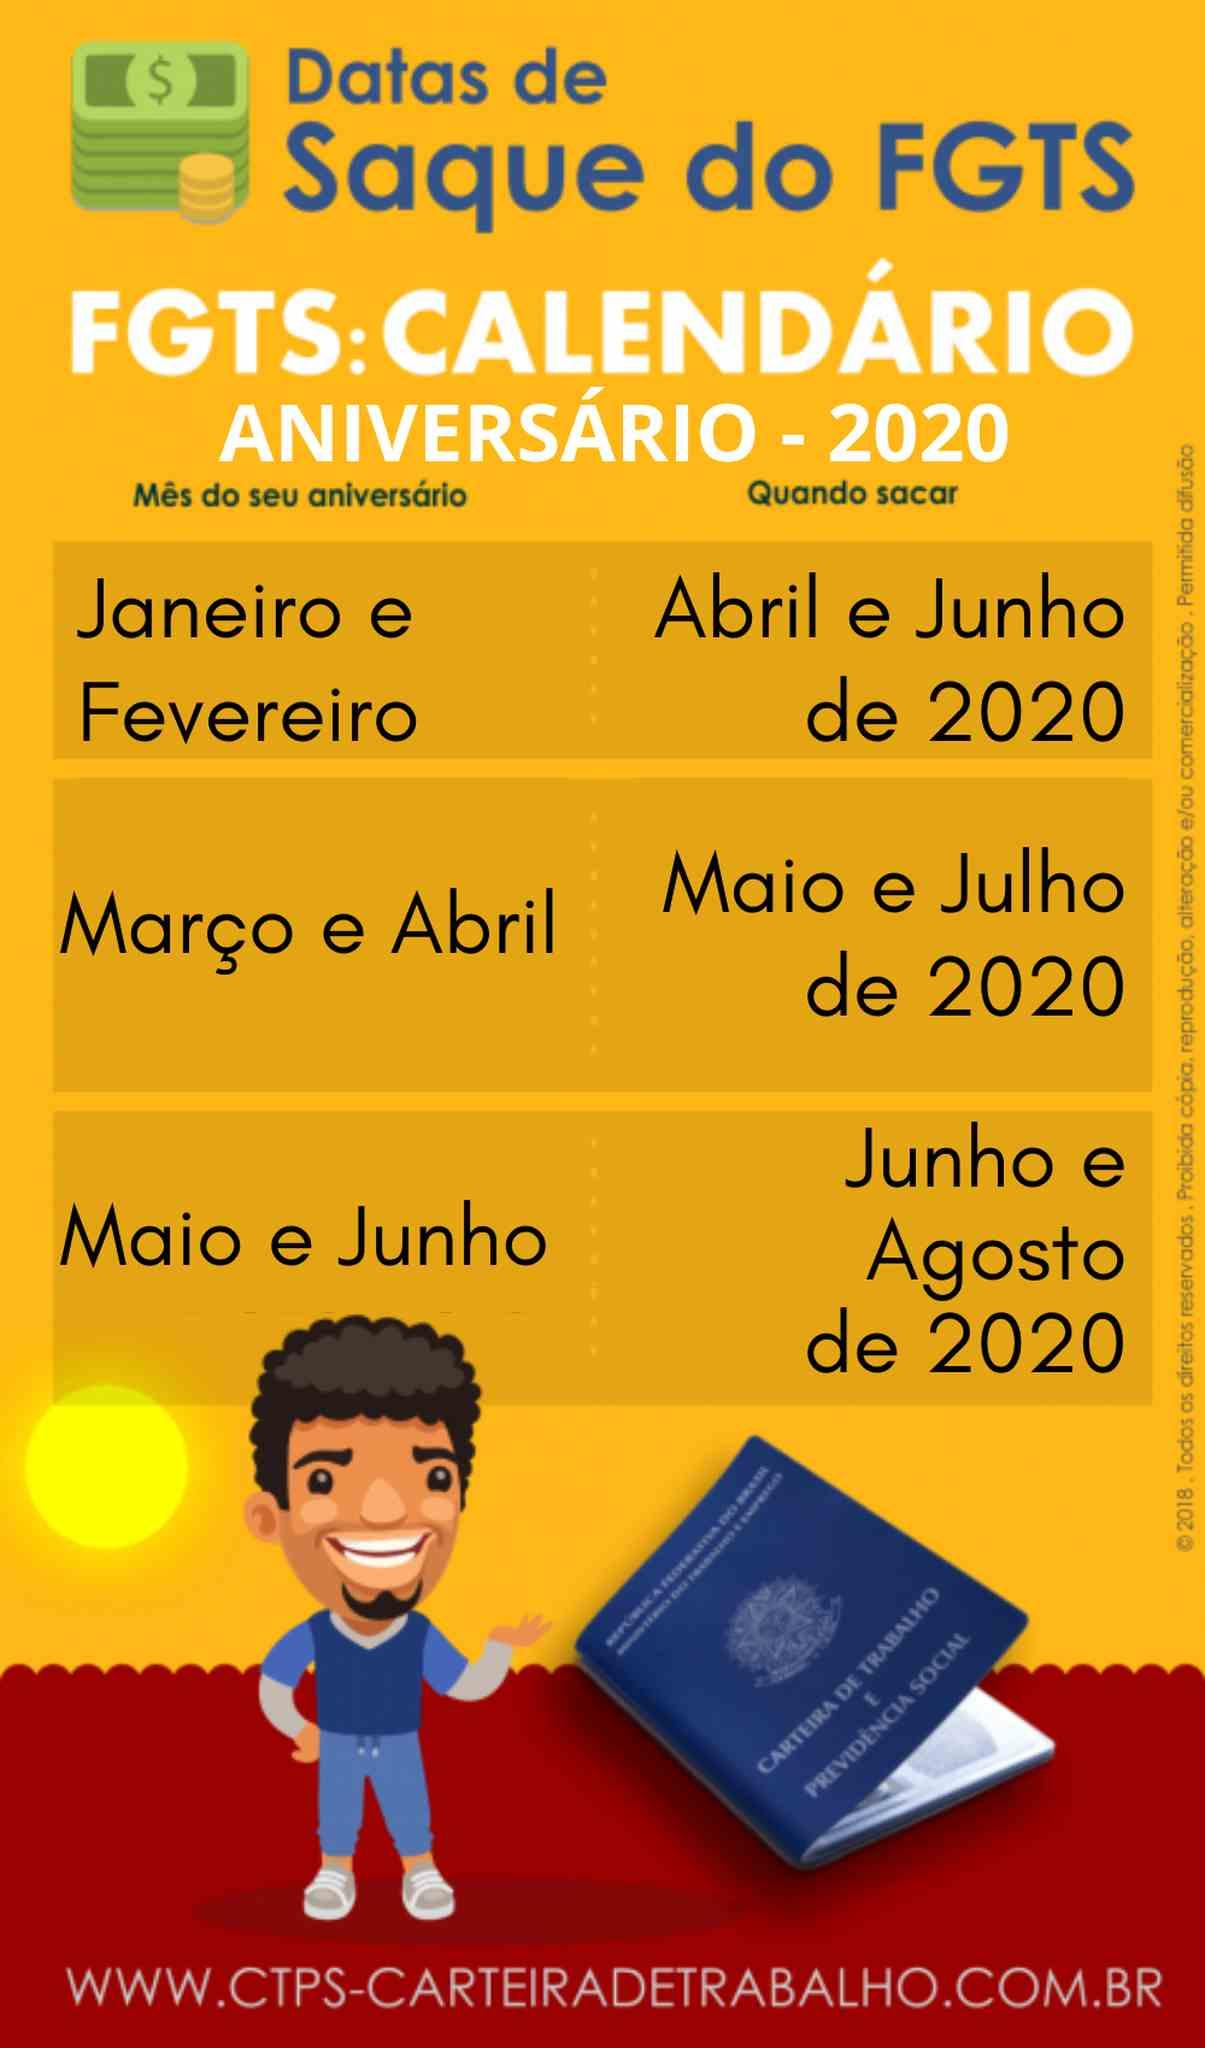 CALENDÁRIO FGTS ANIVERSÁRIO 2020_